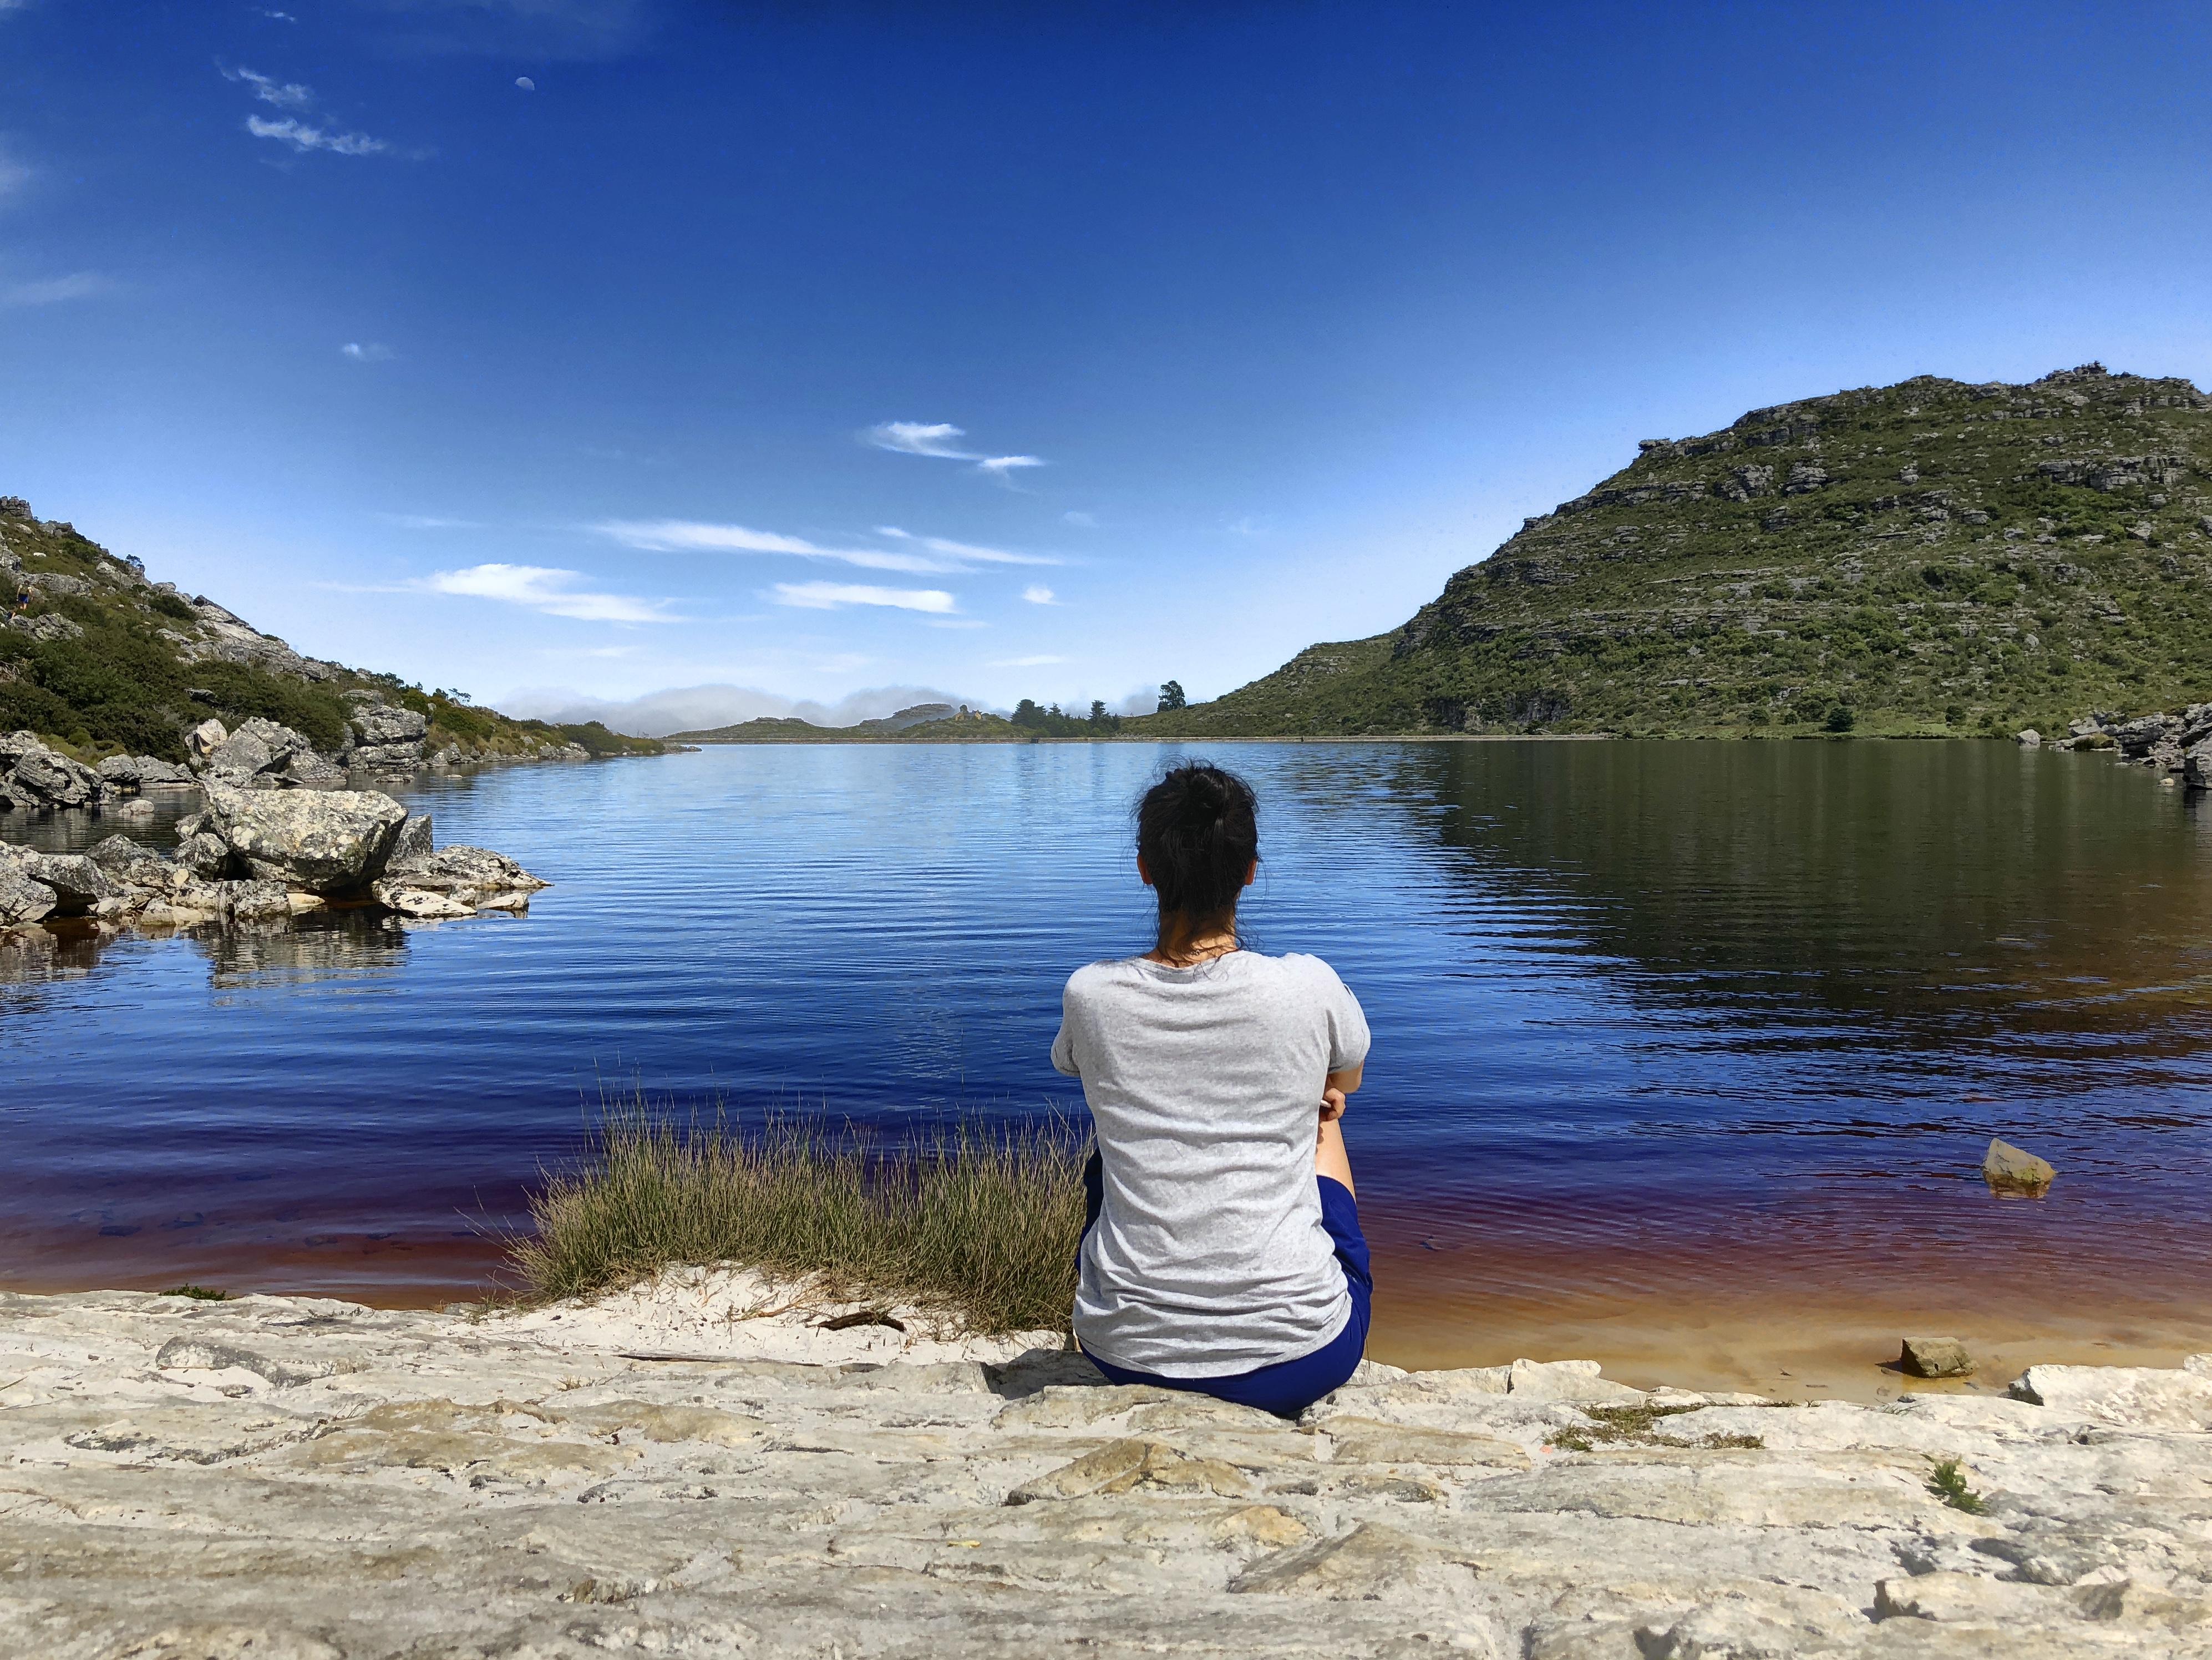 Wasserreservoire Hutchinson Tafelberg